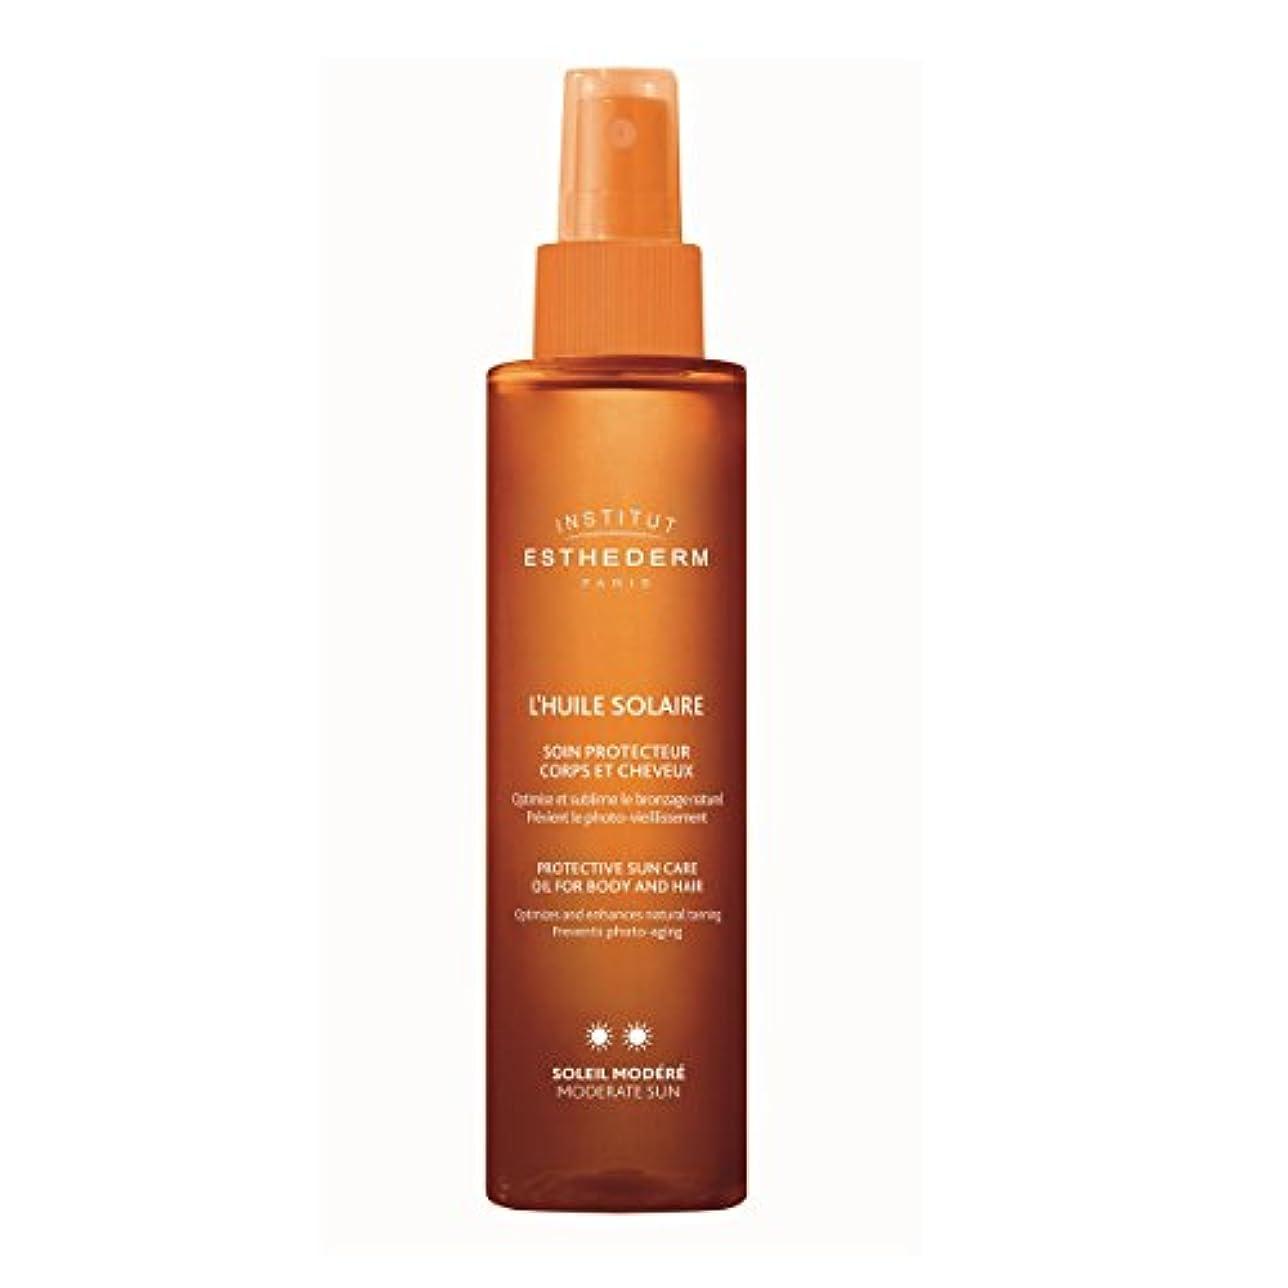 絡み合い選ぶ相互接続Institut Esthederm Protective Sun Care Oil For Body And Hair Moderate Sun 150ml [並行輸入品]